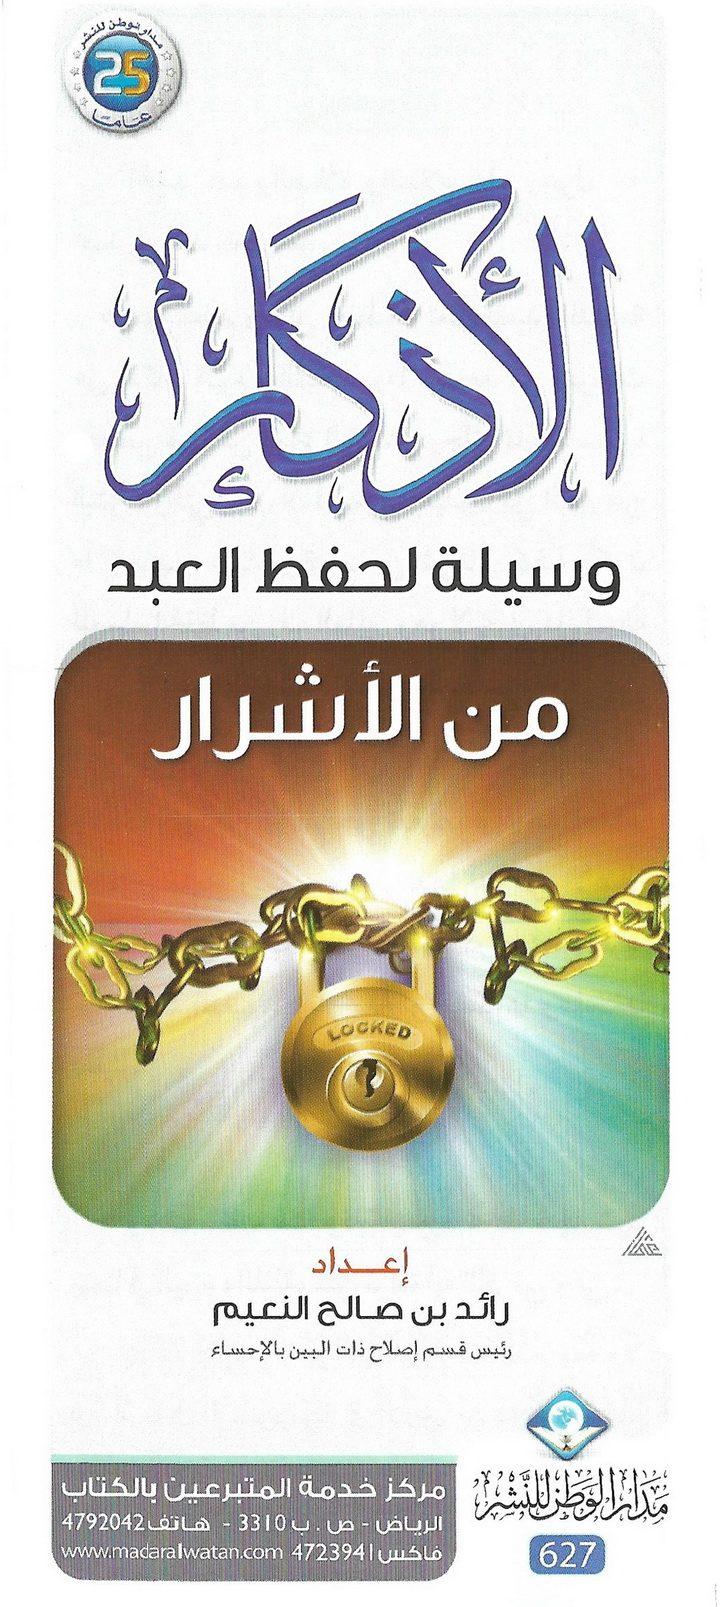 الأذكار وسيلة لحفظ العبد من الأشرار (رائد بن صالح النعيم – مدار الوطن للنشر)